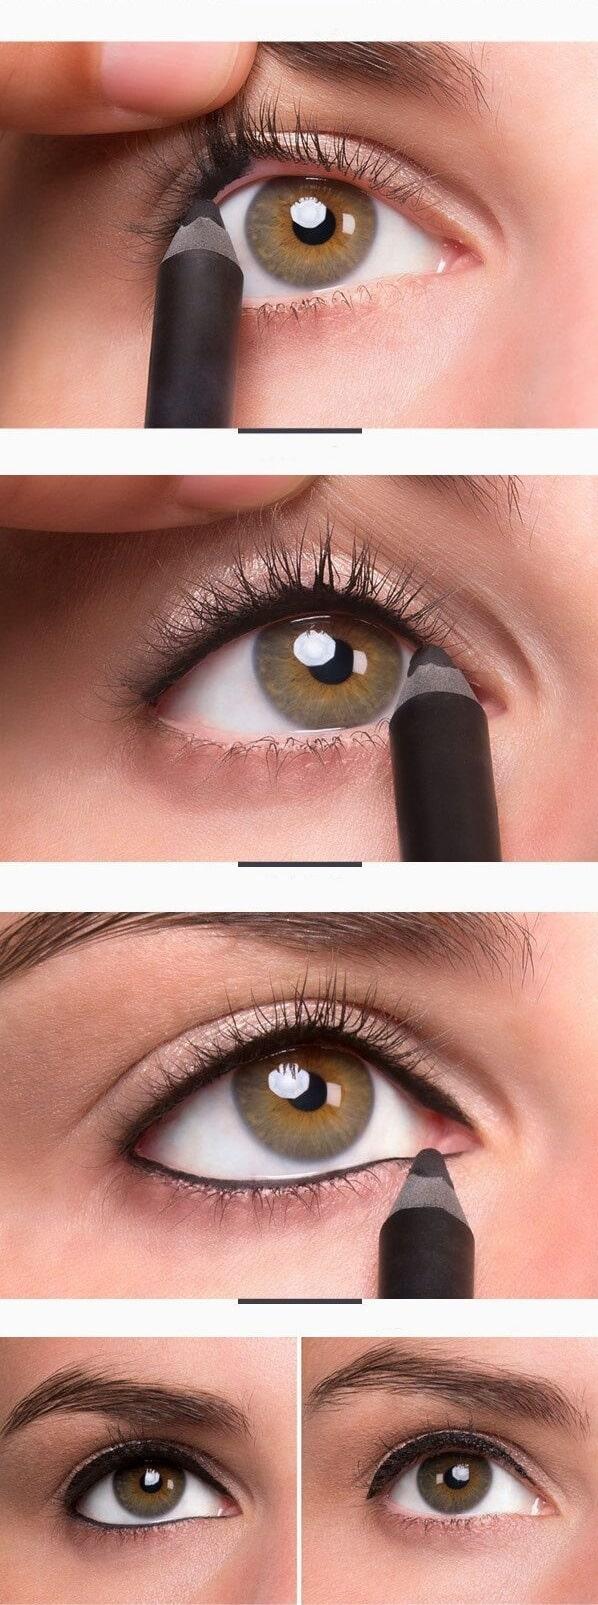 مكياج عيون بالخطوات : الفرشاة والقلم فقط